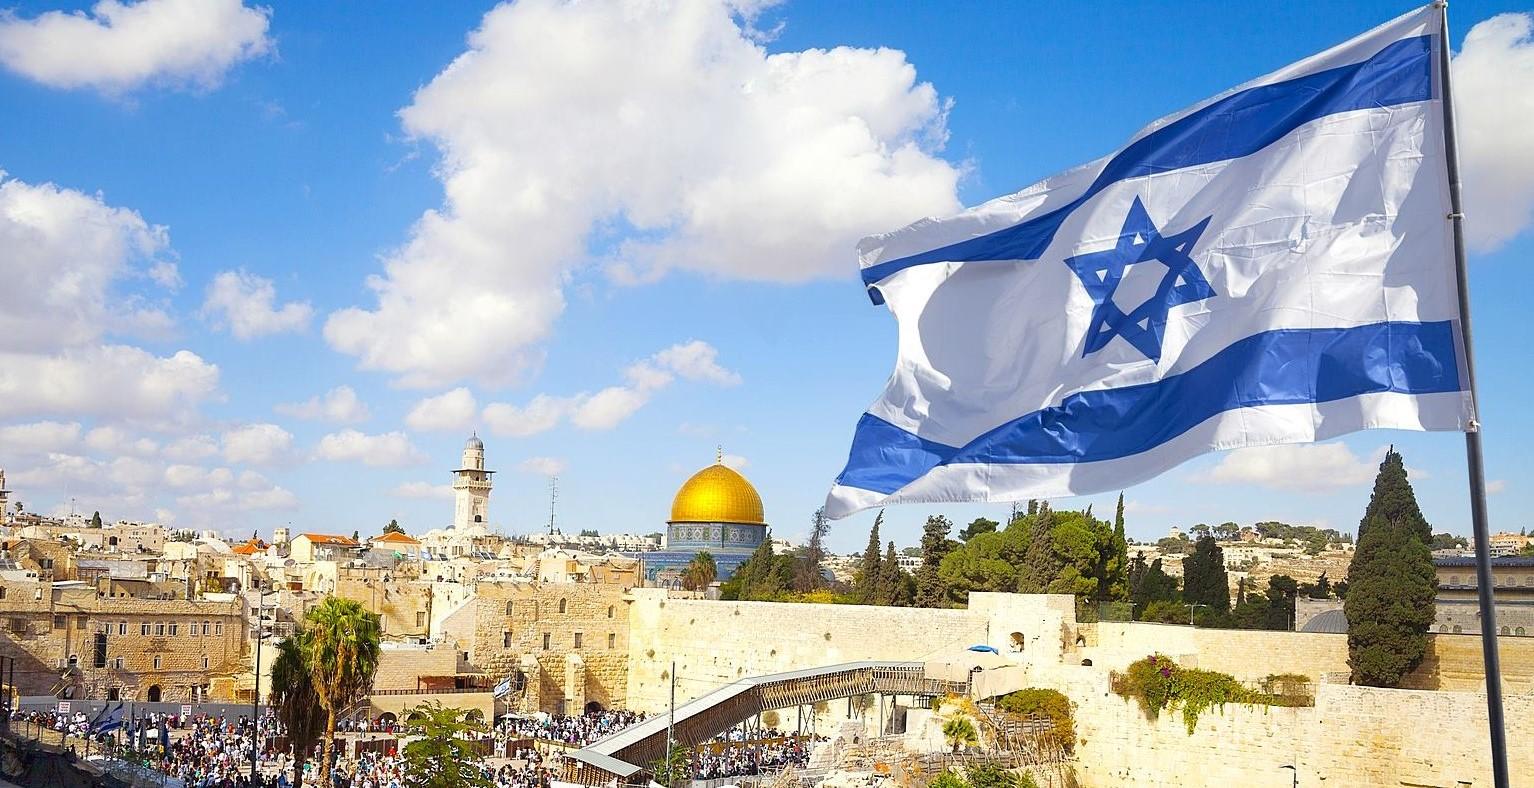 以色列、約旦~聖地古文明、佩特拉、死海漂浮、耶路撒冷、素食之都特拉維夫10天